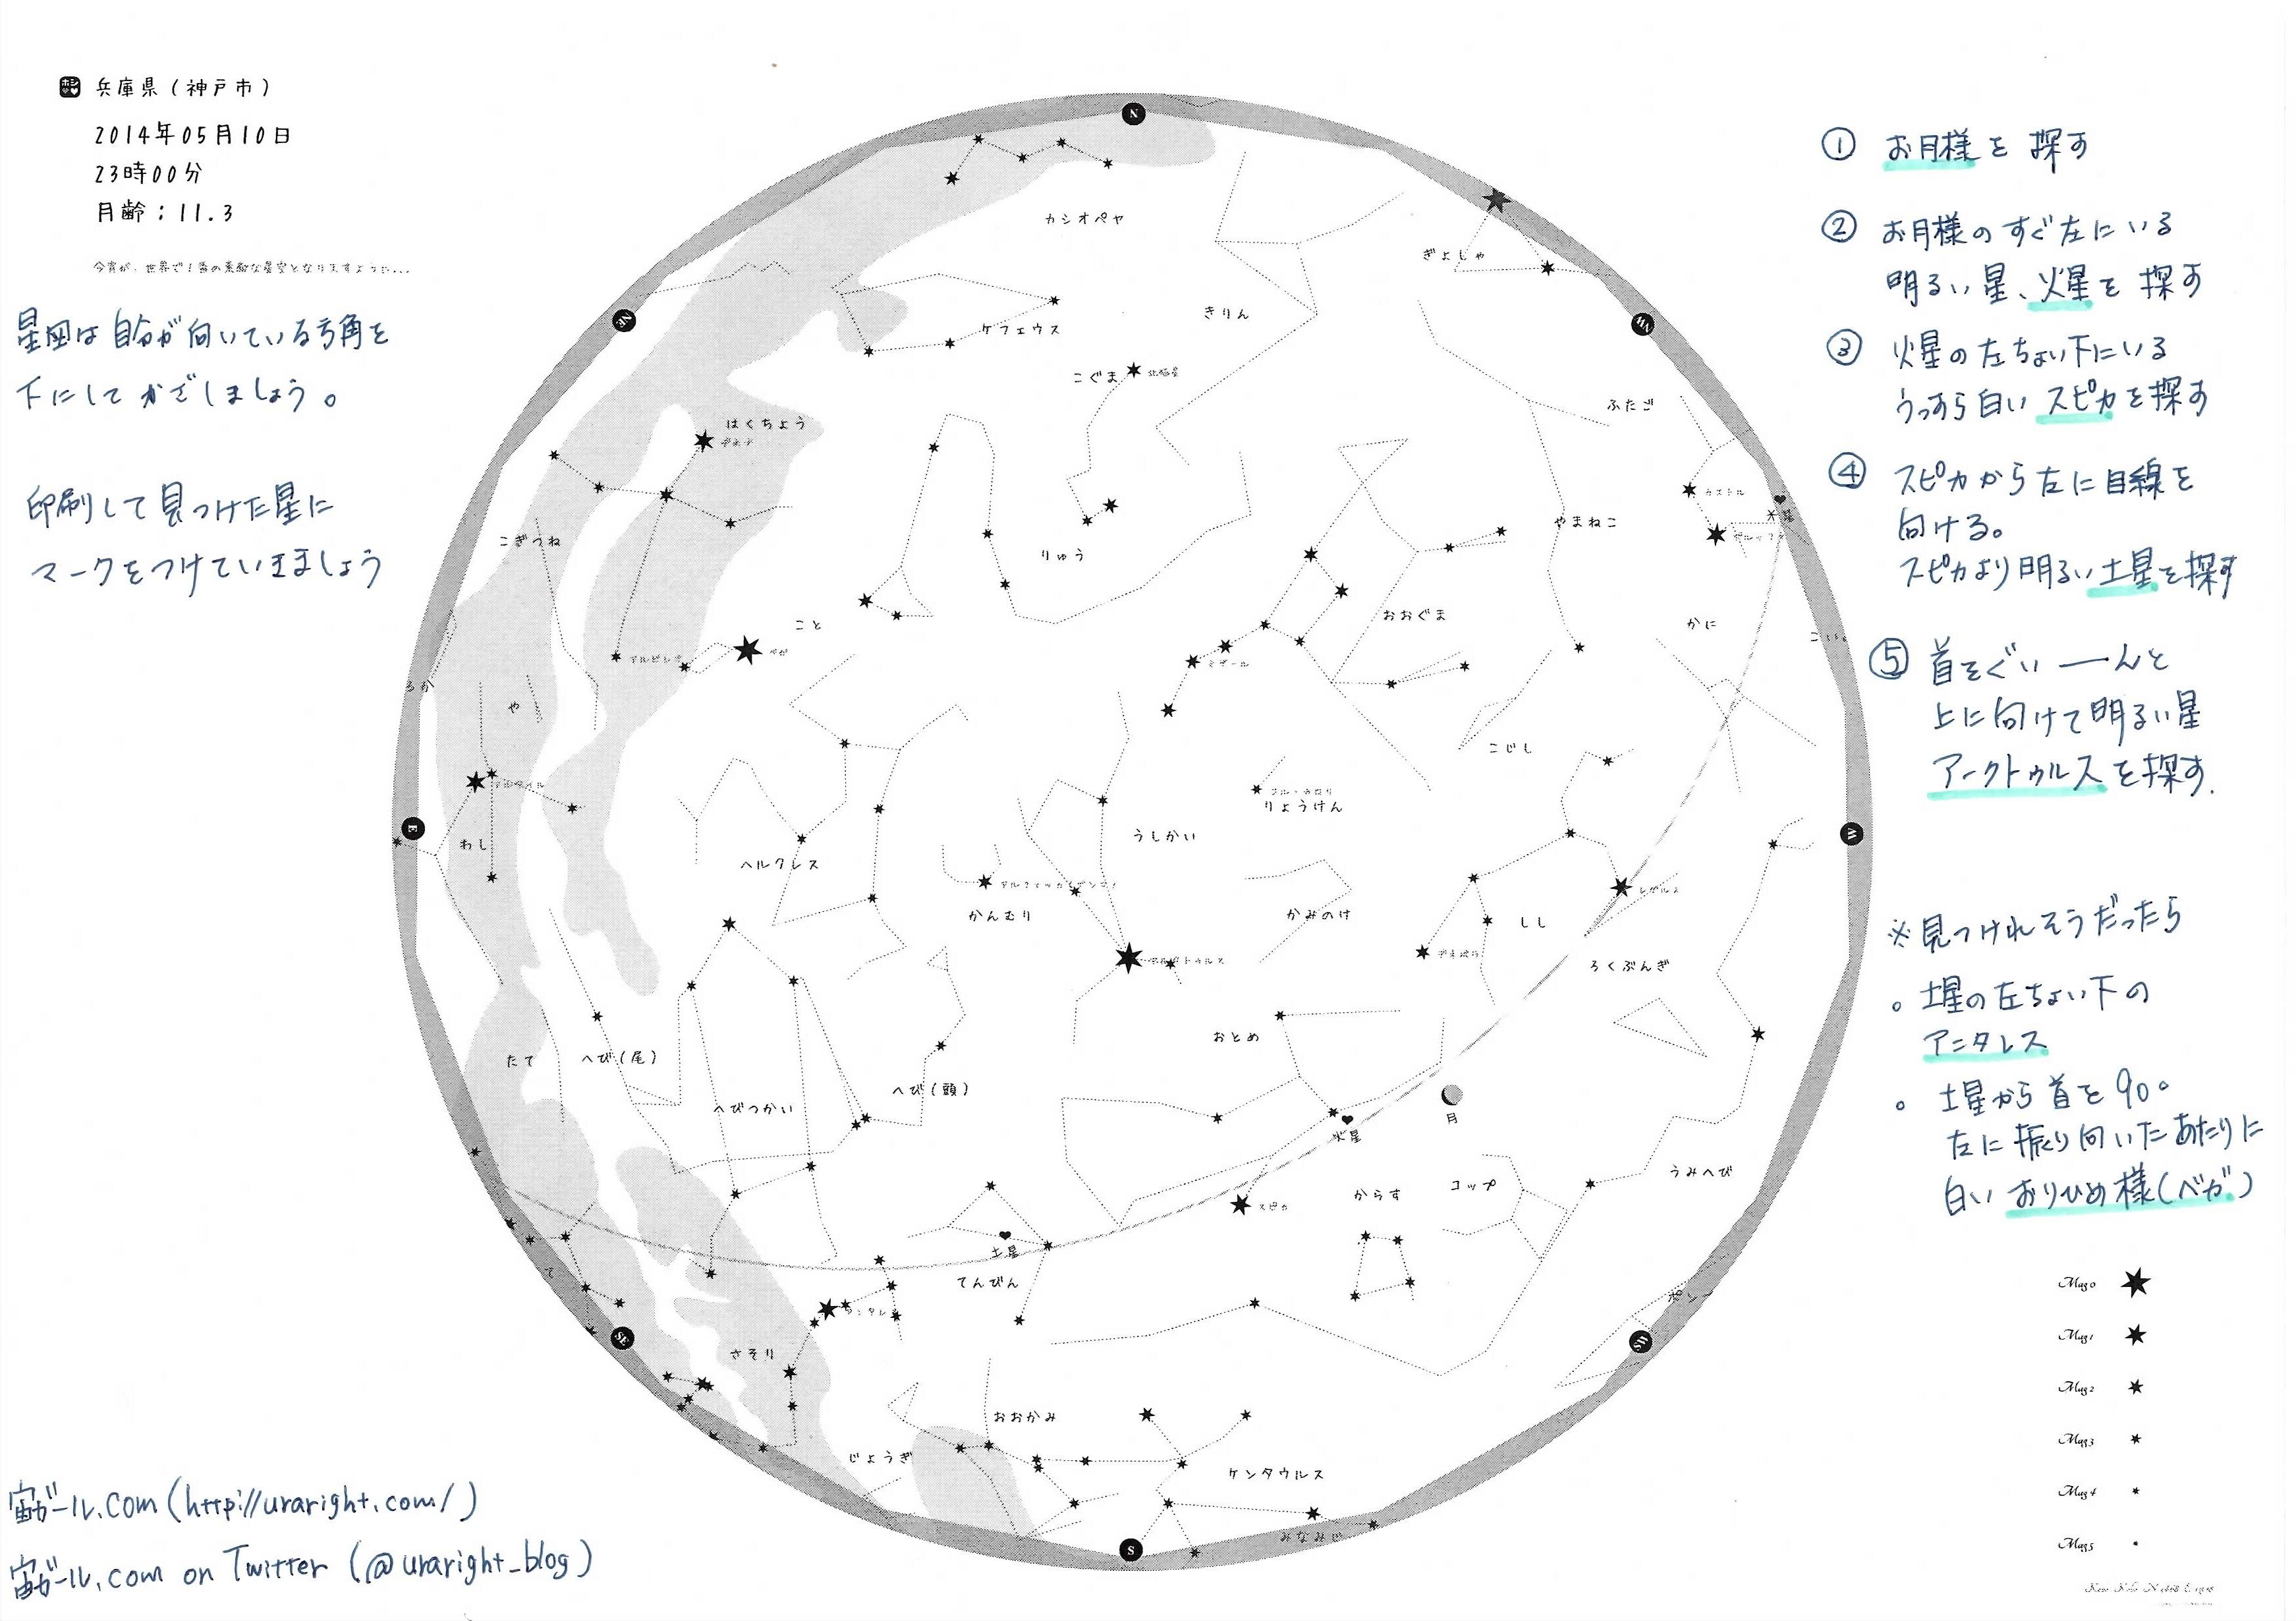 みんなでお家で星を探そう!【2014年5月10日23時の空】 #ウチソラ